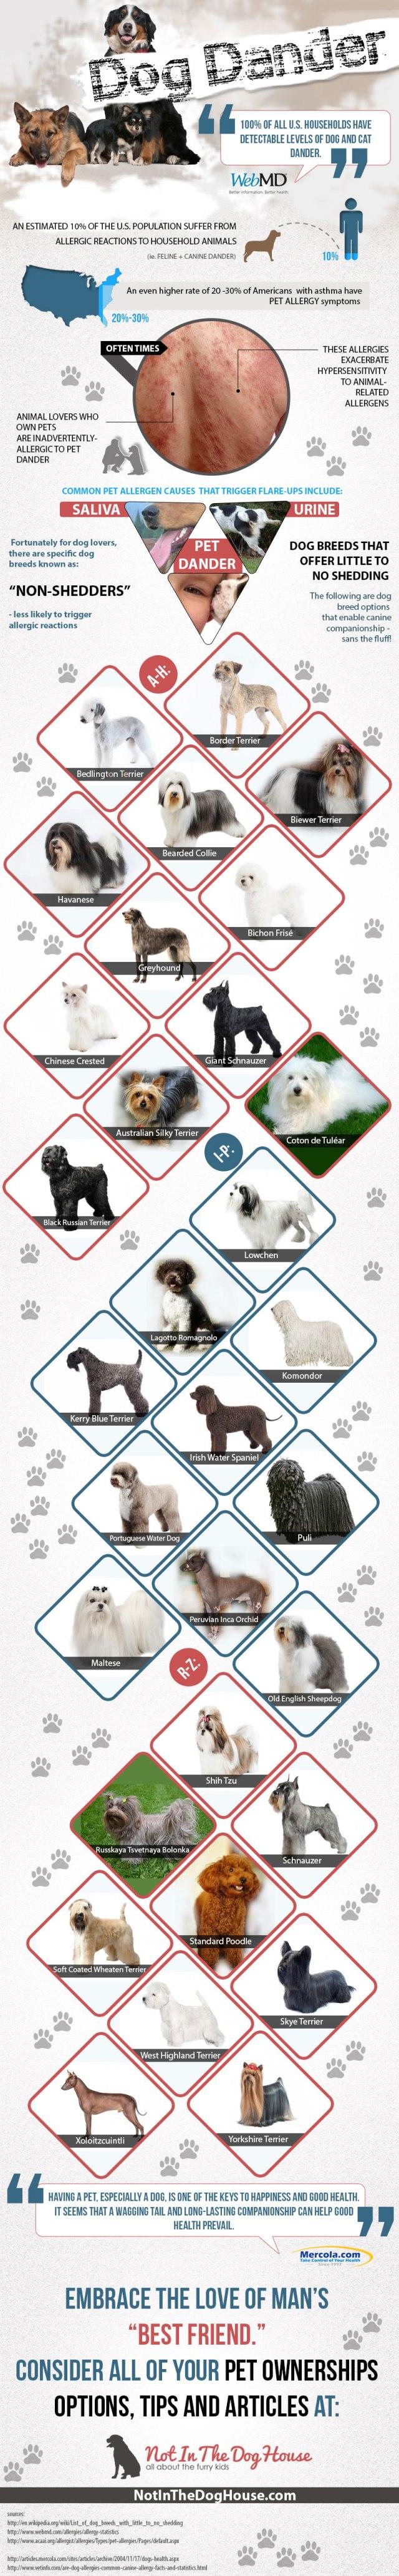 dog-dander_PRIMAL CANINE BAY AREA DOG TRAINING